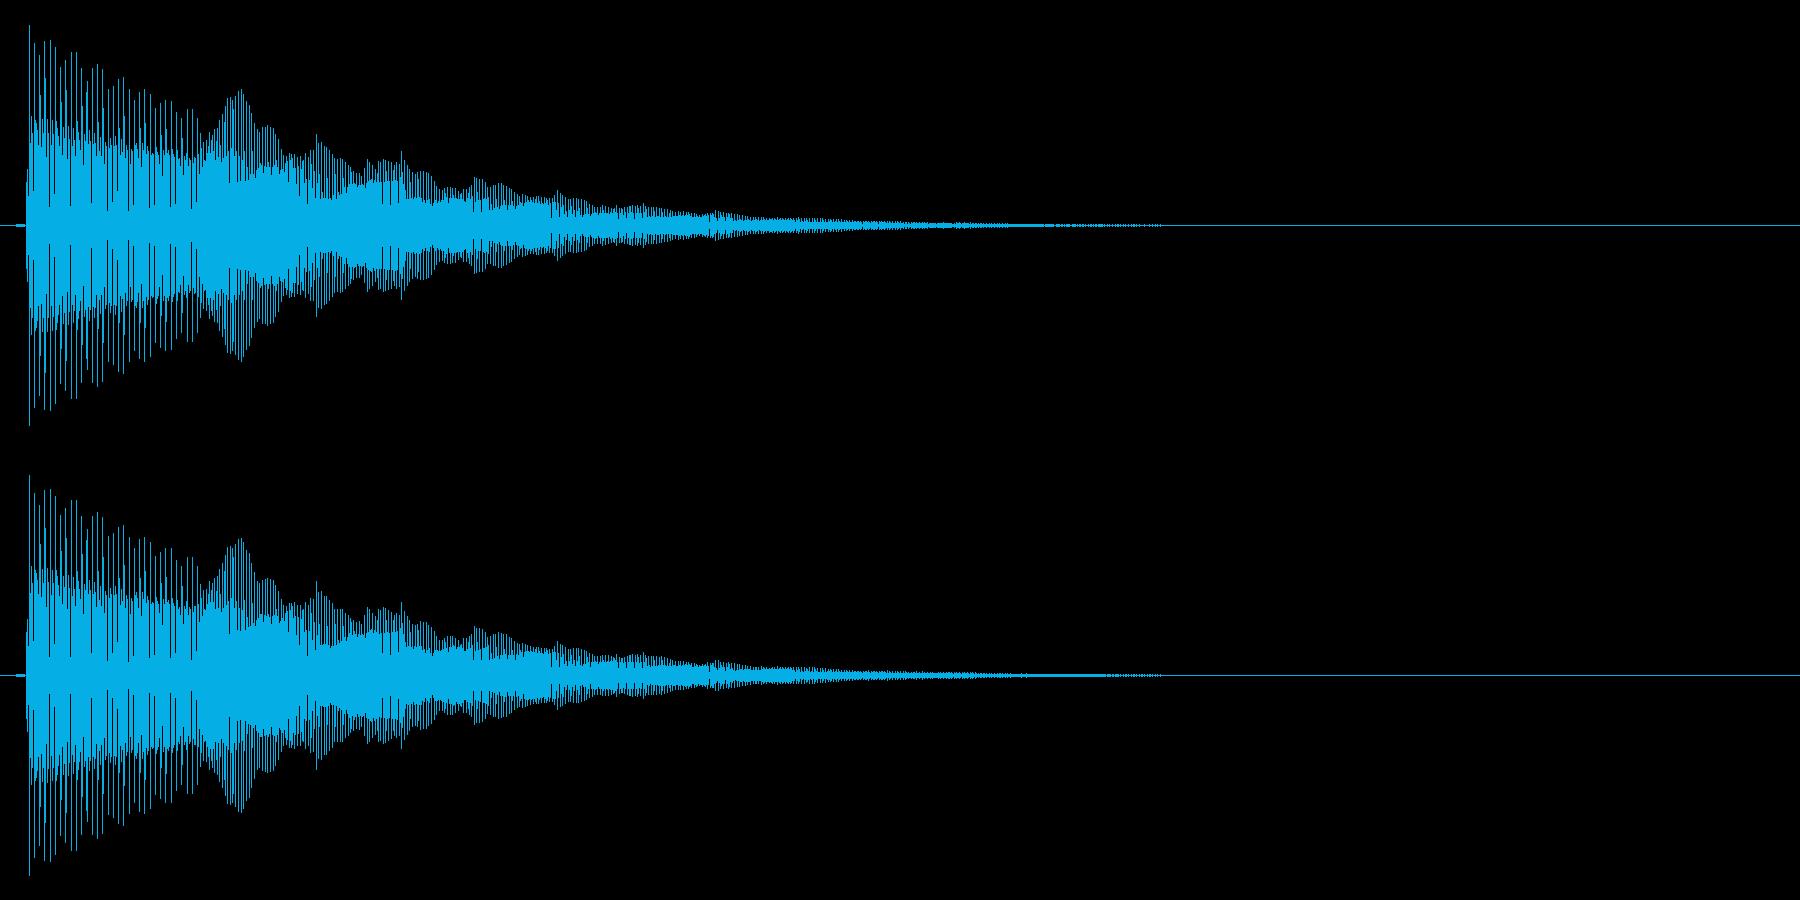 ぴこん/矢印/現在地の再生済みの波形